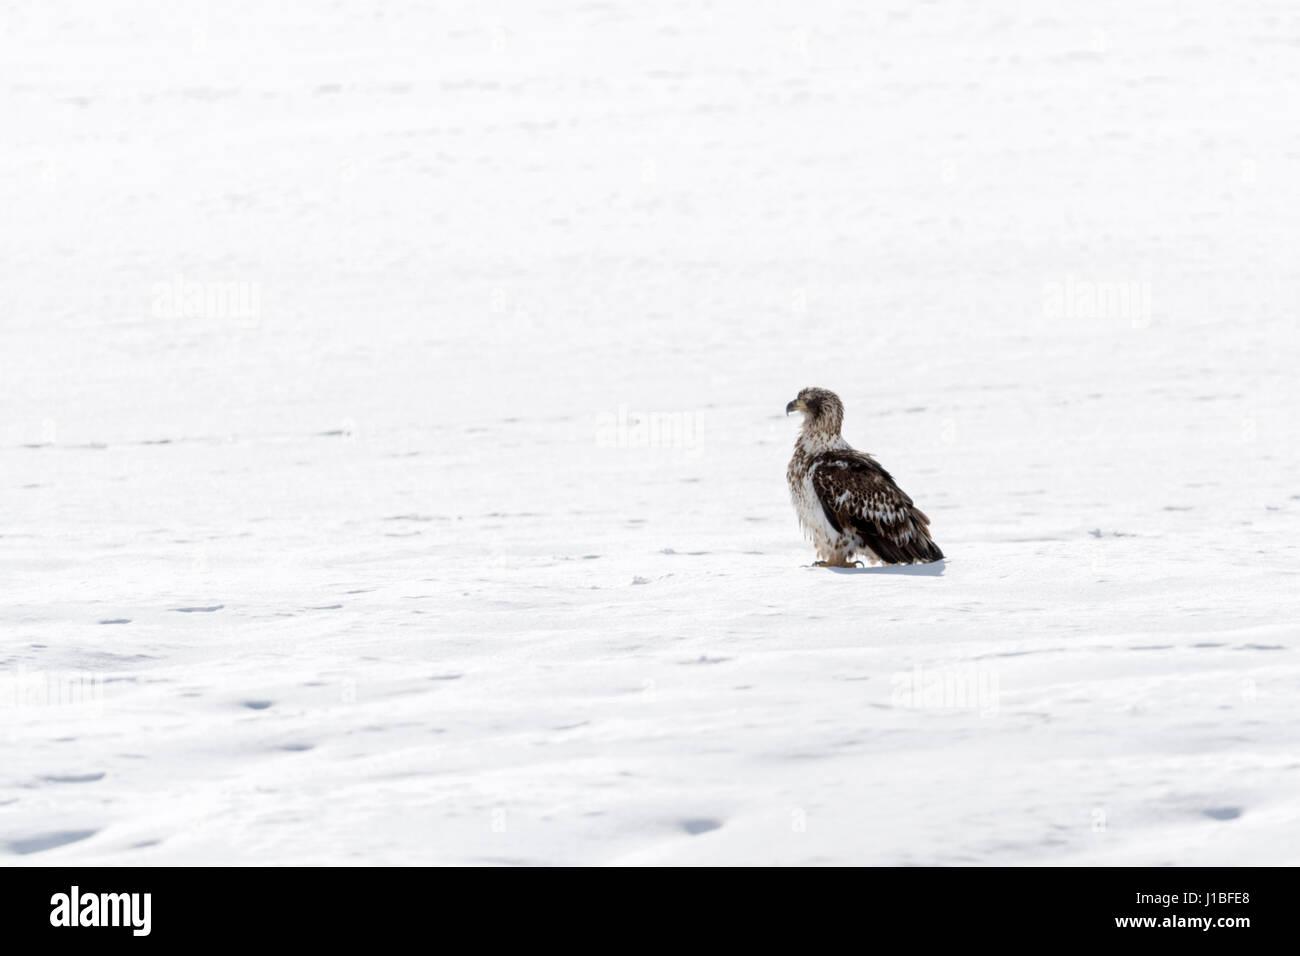 Bald Eagle / Weisskopfseeadler ( Haliaeetus leucocephalus ), young bird, sitting on frozen, snow covered ground, Stock Photo